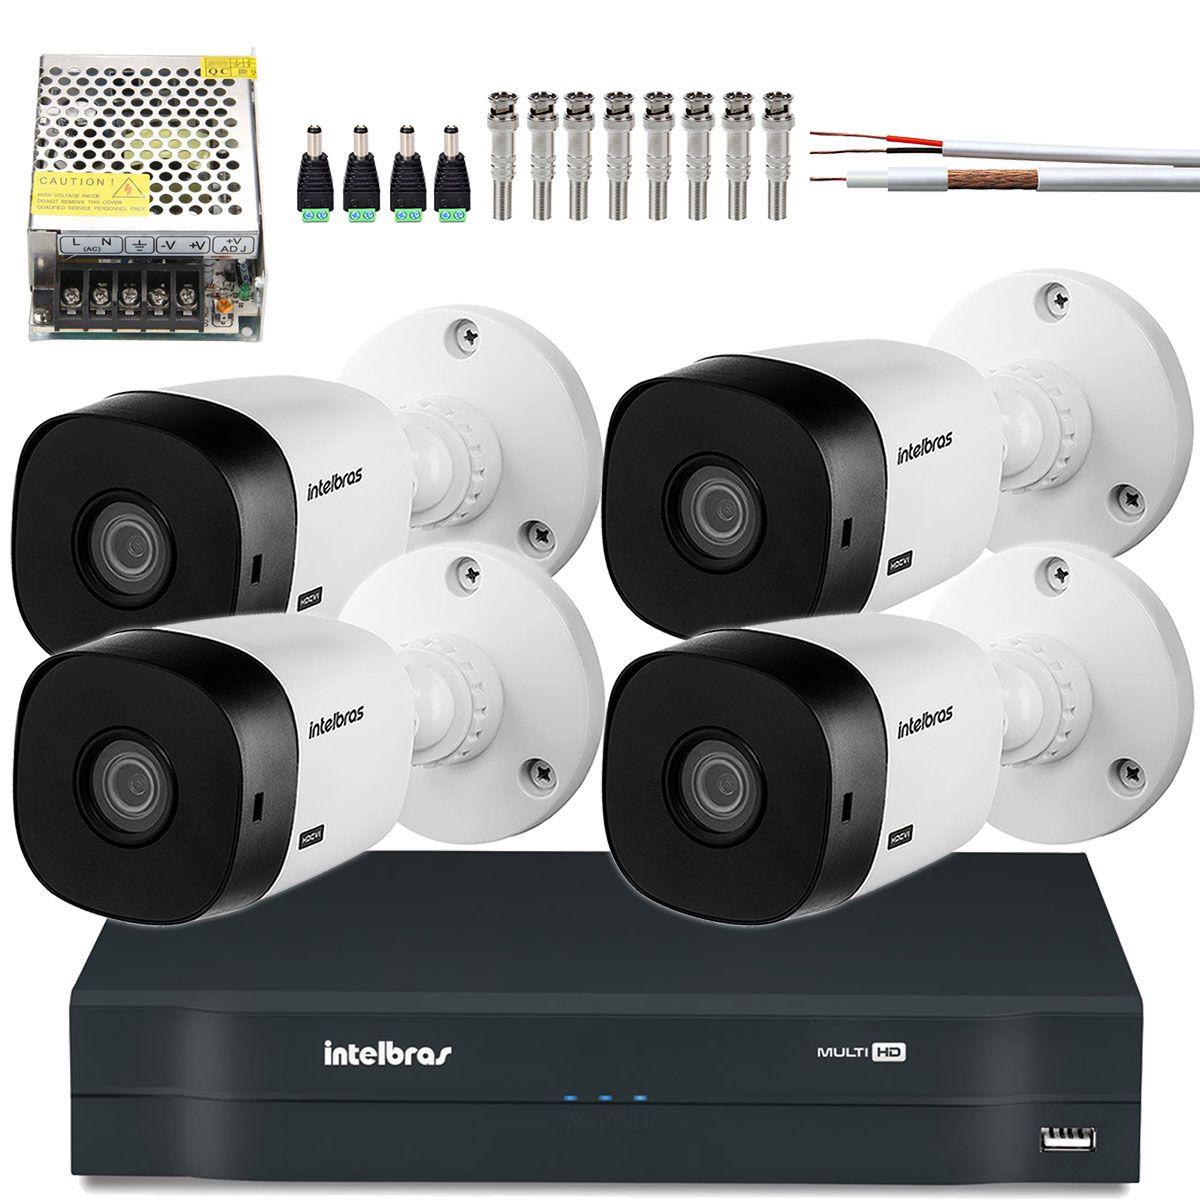 Kit 4 Cameras Bullet Intelbras Hd 720p Hdcvi Vhl 1120 B